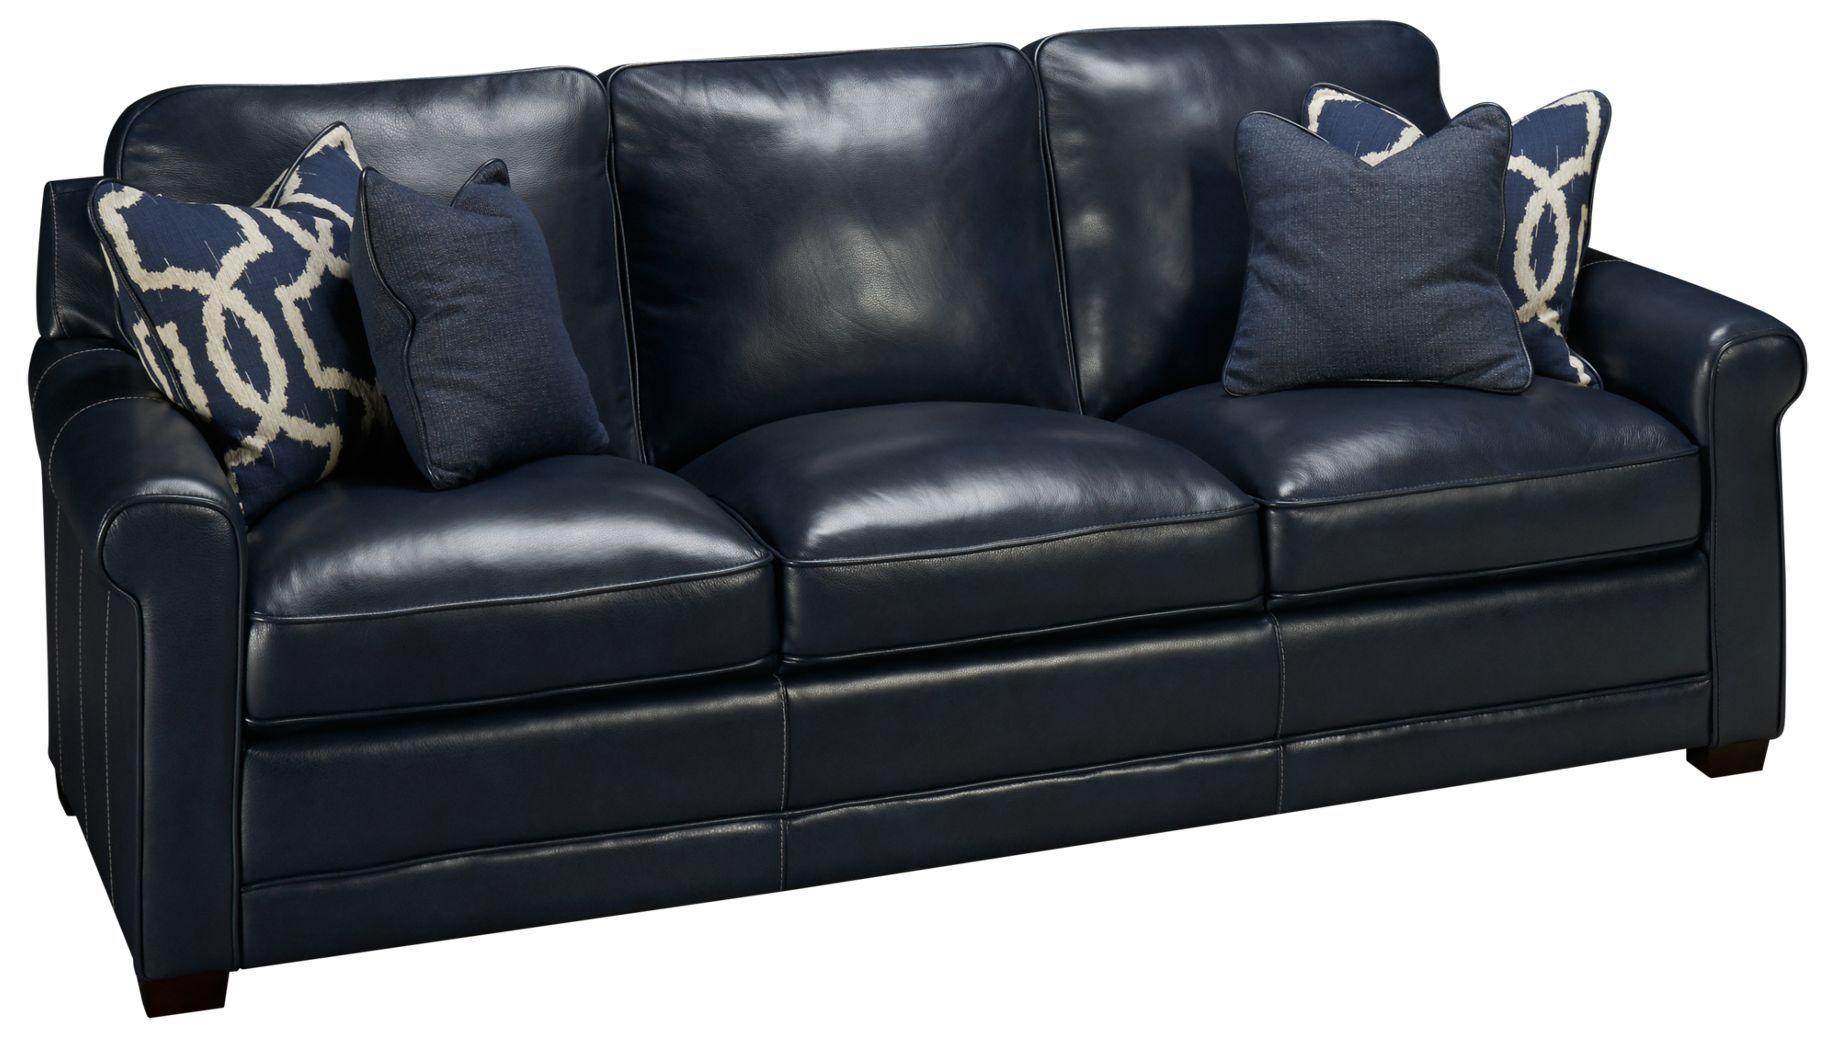 - Simon Li Stampede Leather Sofa Blue Leather Sofa, Leather Sofa